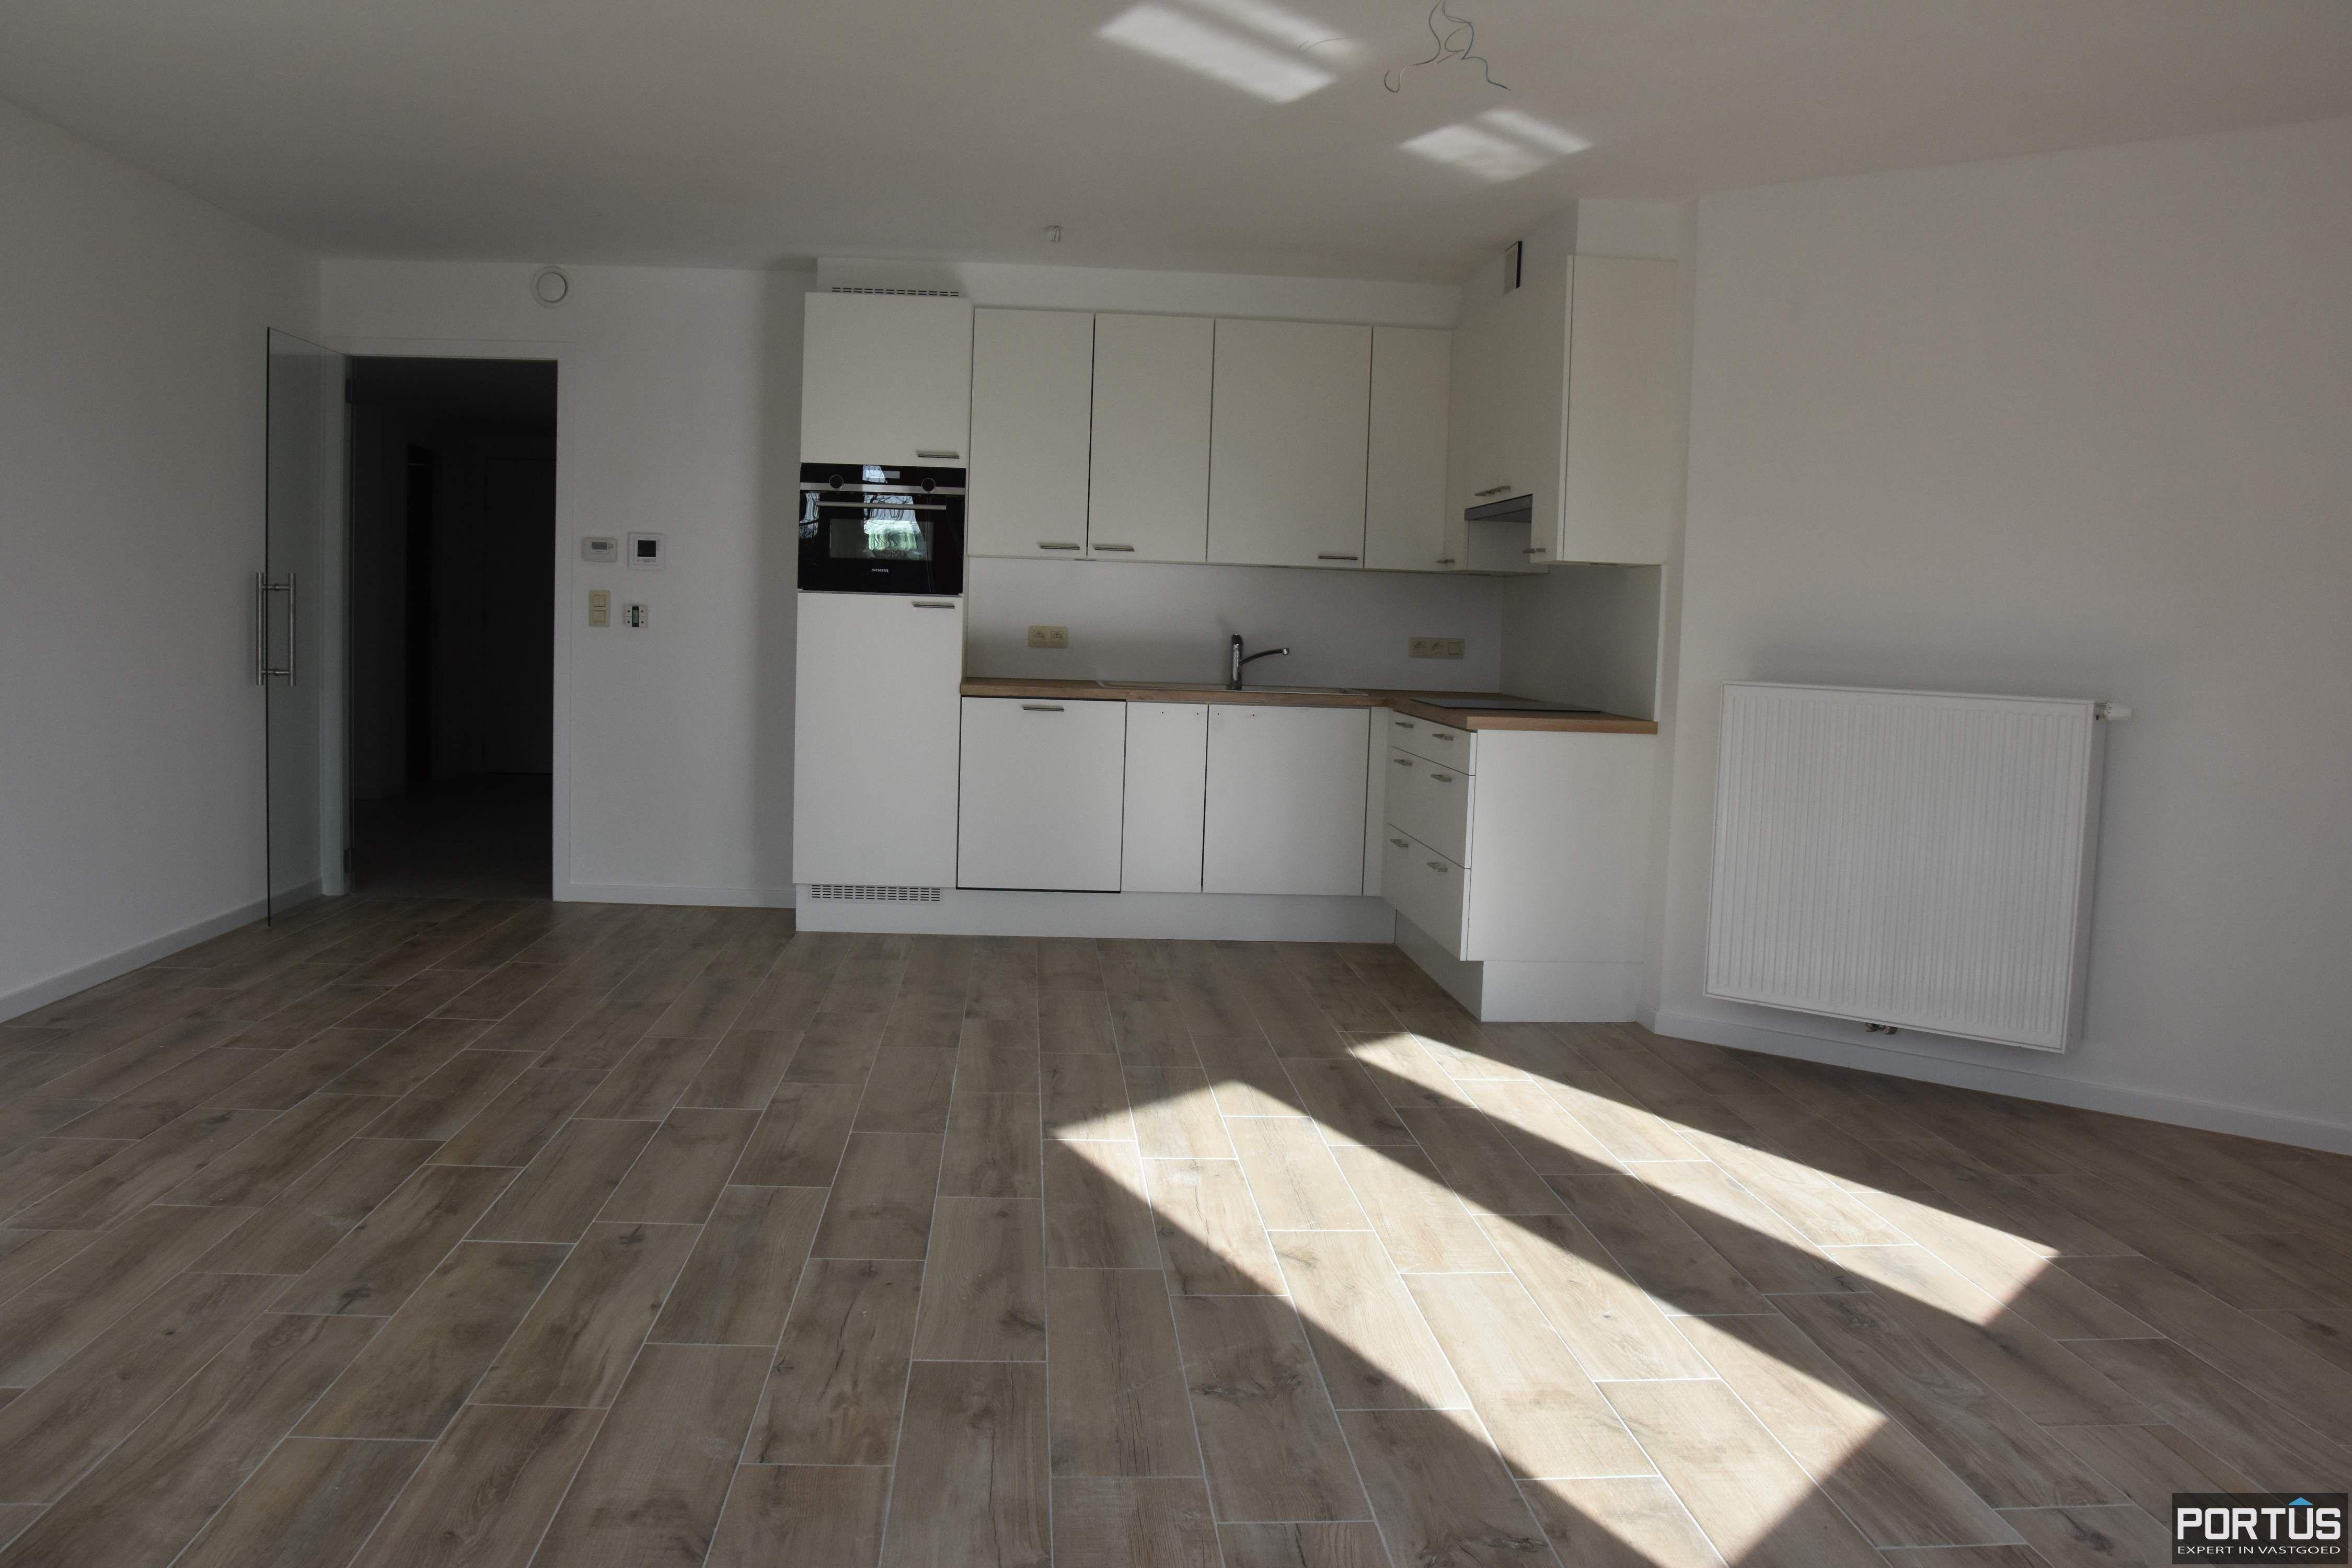 Appartement Residentie Villa Crombez Nieuwpoort - 9287